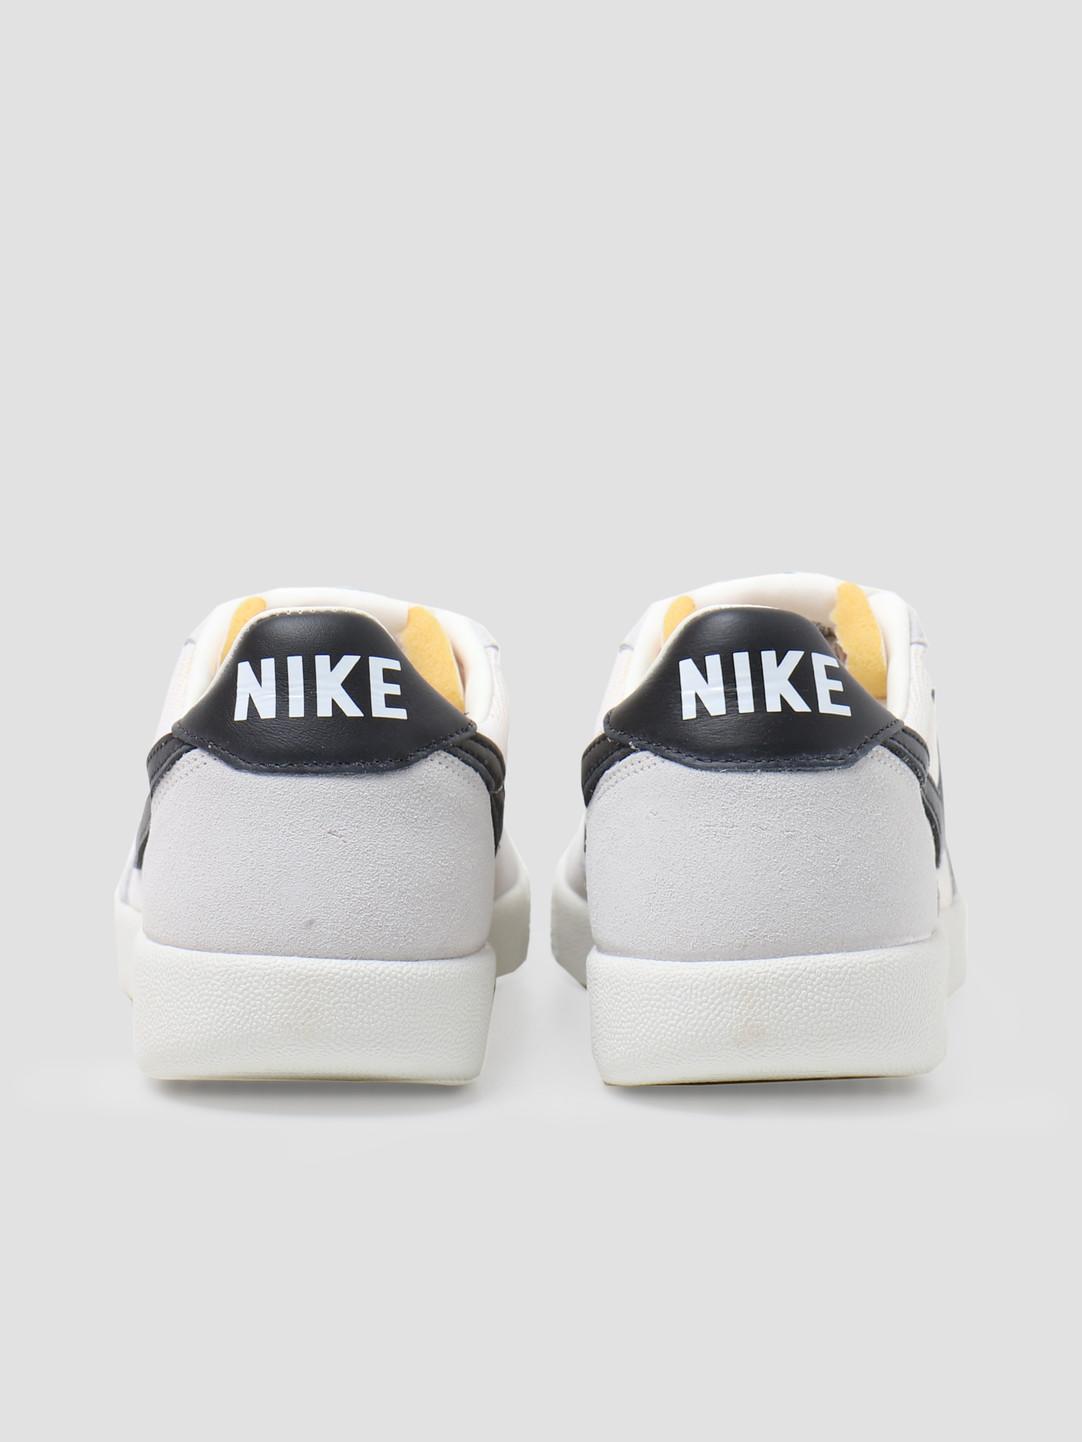 Nike Nike Killshot Og Sail Black Team Orange DC7627-100